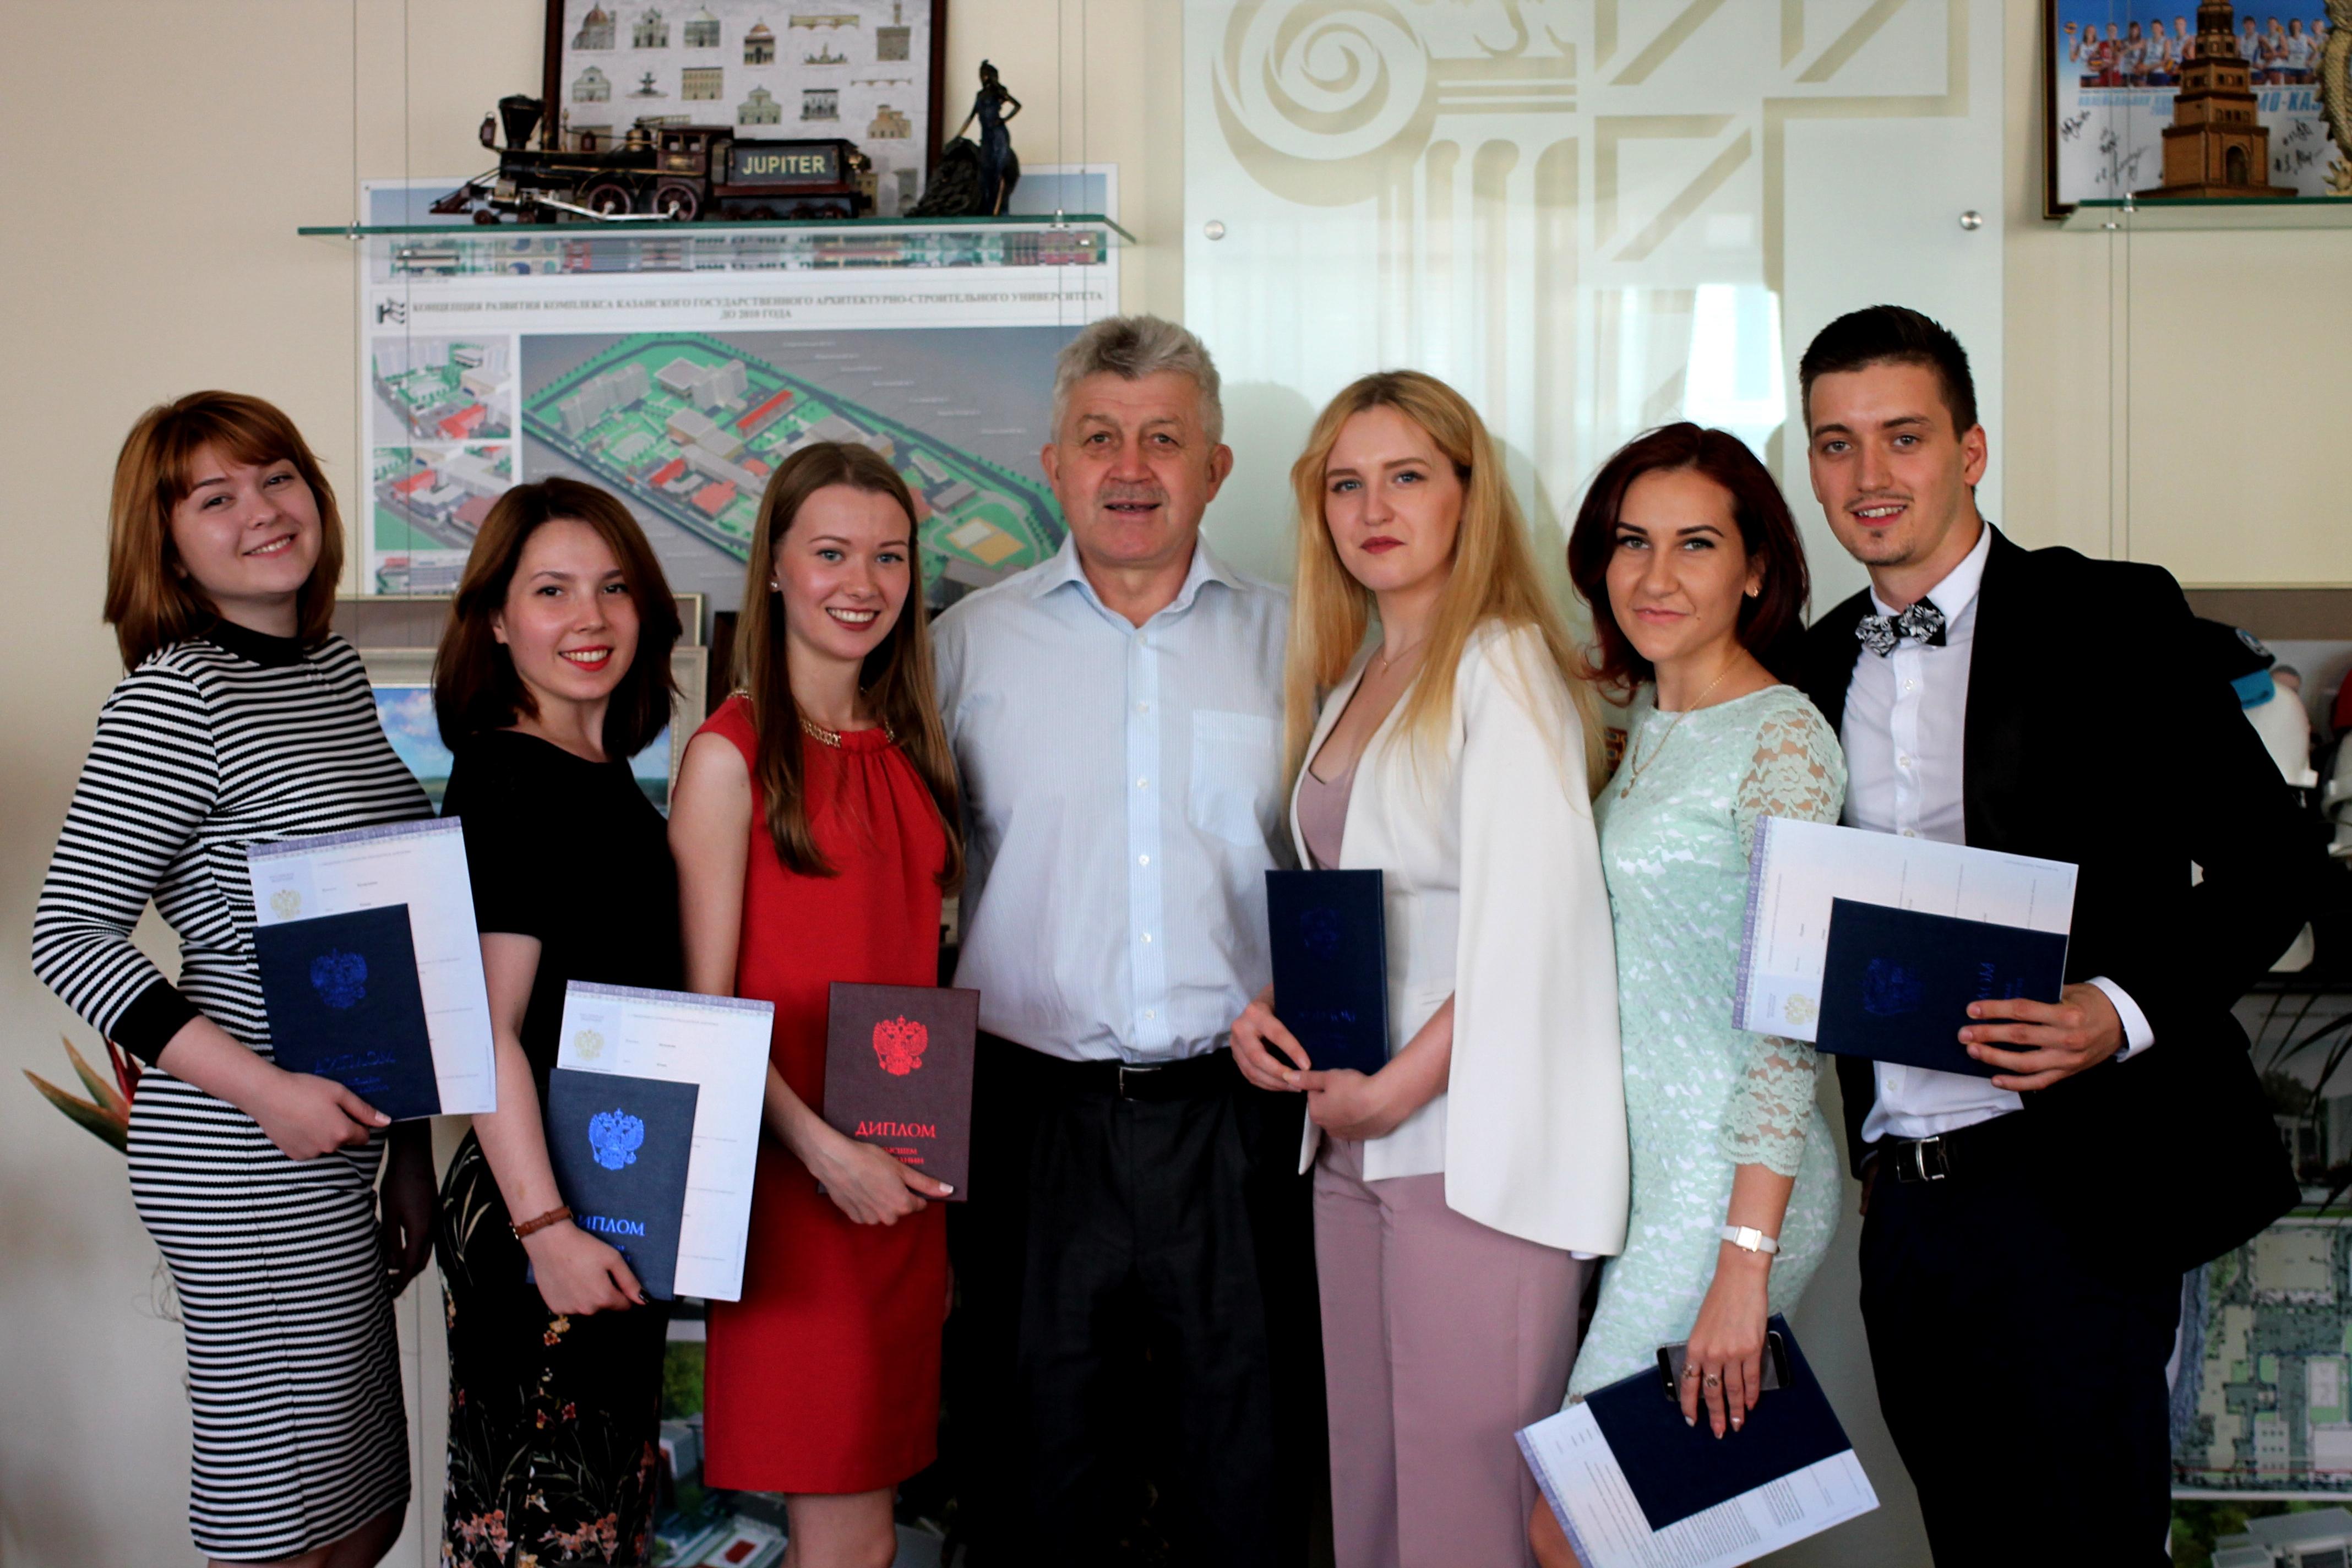 КГАСУ состоялось торжественное вручение дипломов выпускникам  В КГАСУ состоялось торжественное вручение дипломов выпускникам профиля Проектирование зданий